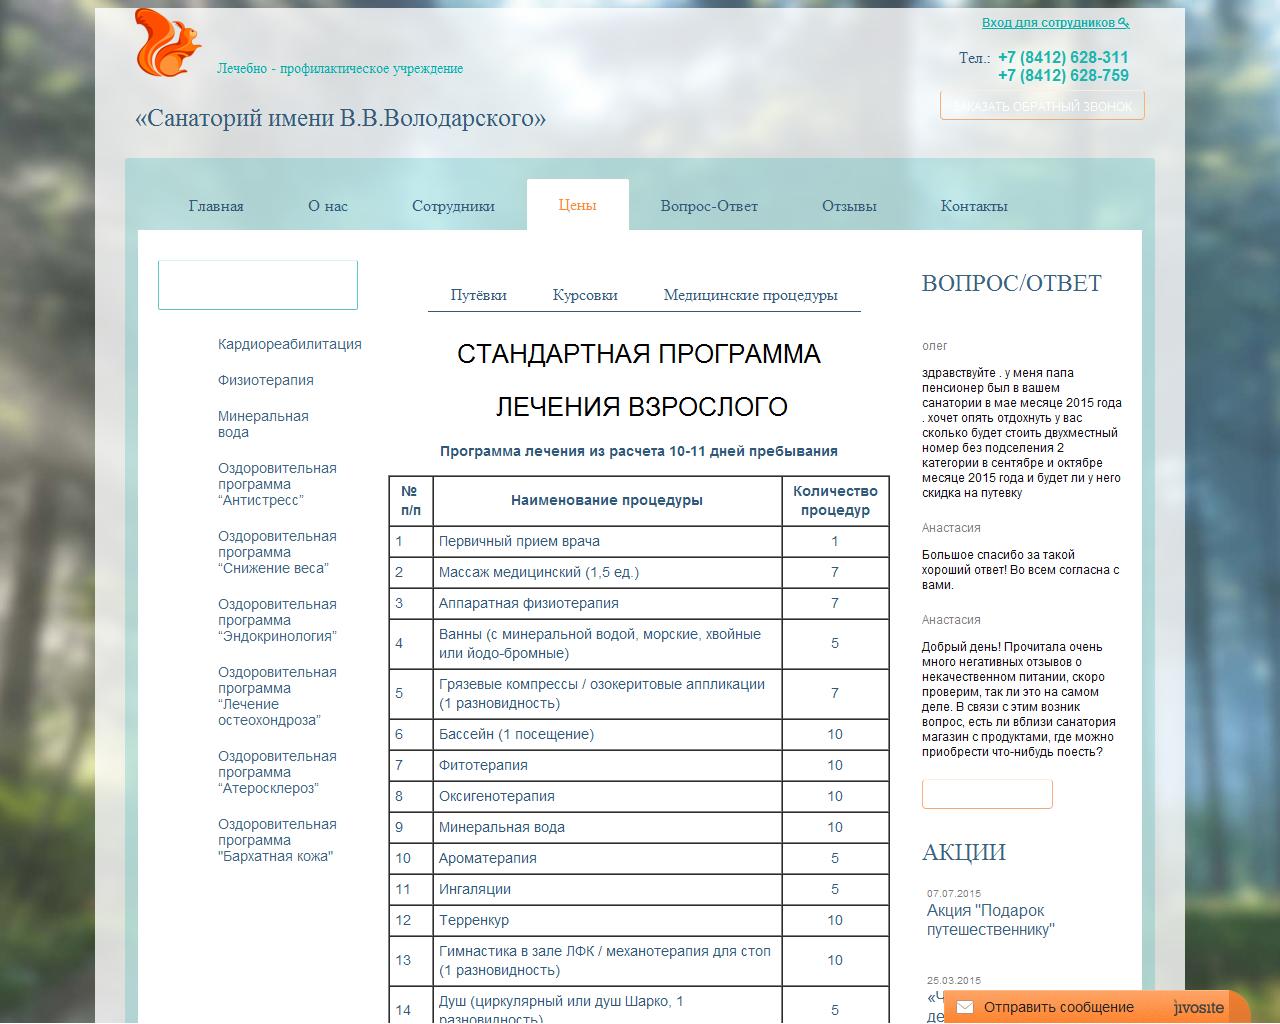 «Санаторий В.В.Володарского» Пенза